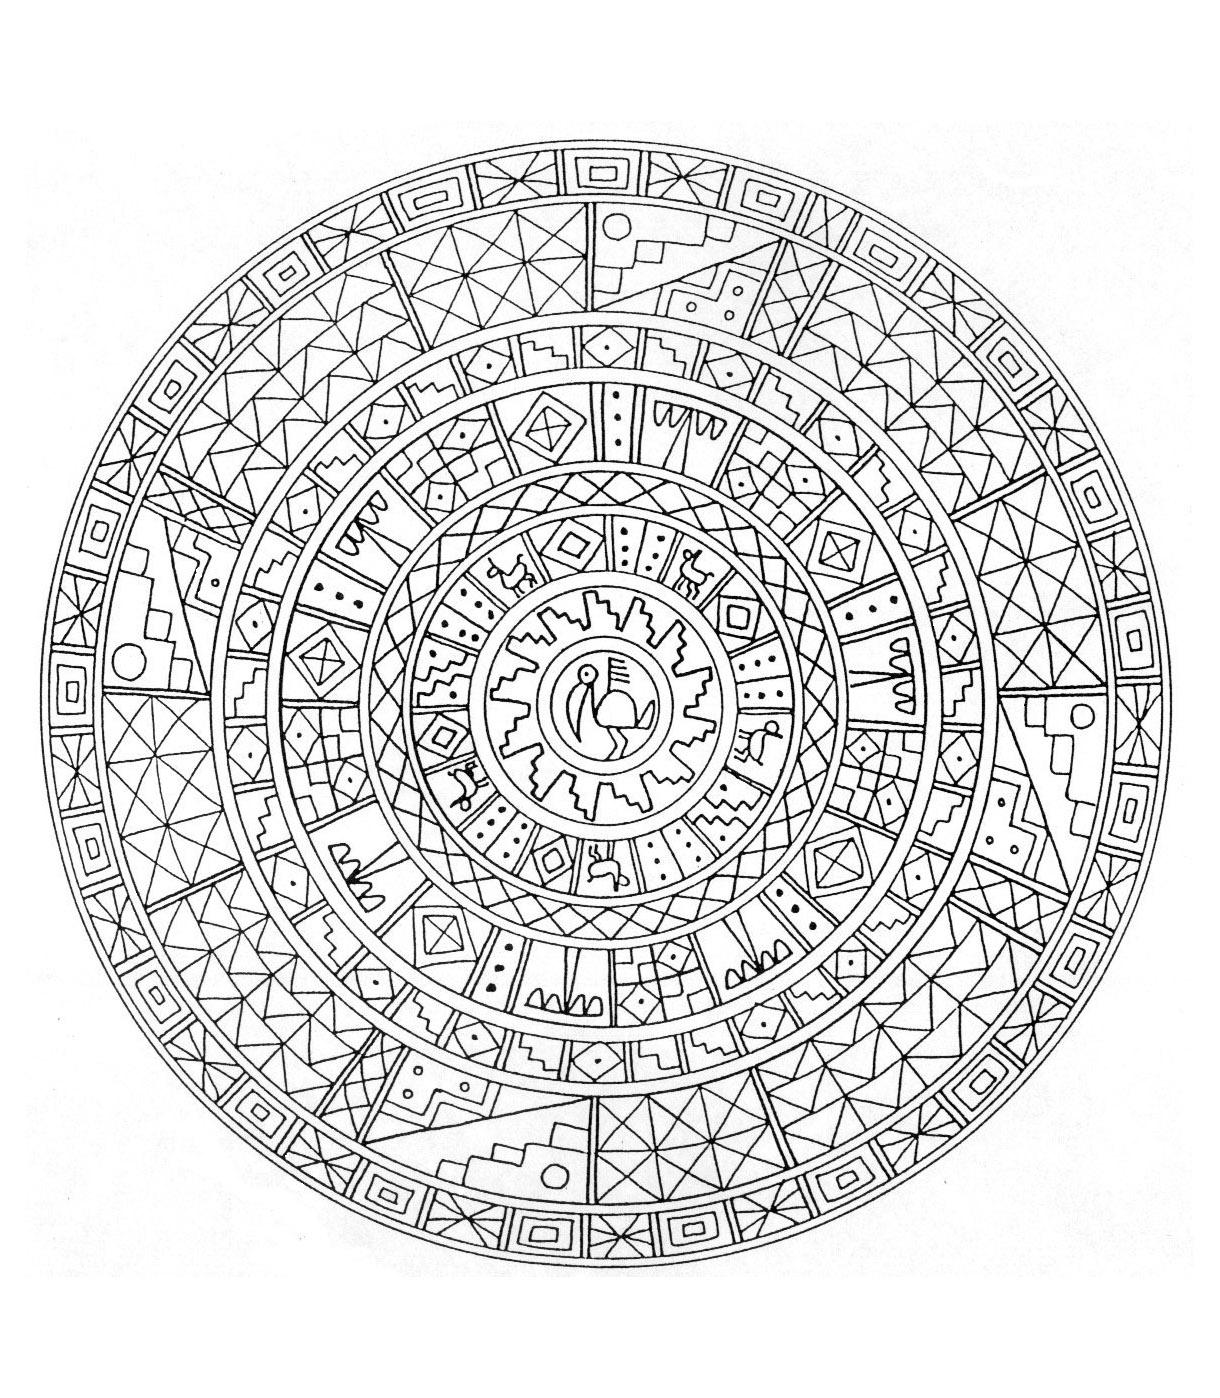 Mandala 6 - Mandalas - Coloriages Difficiles Pour Adultes à Coloriage De Mandala Difficile A Imprimer